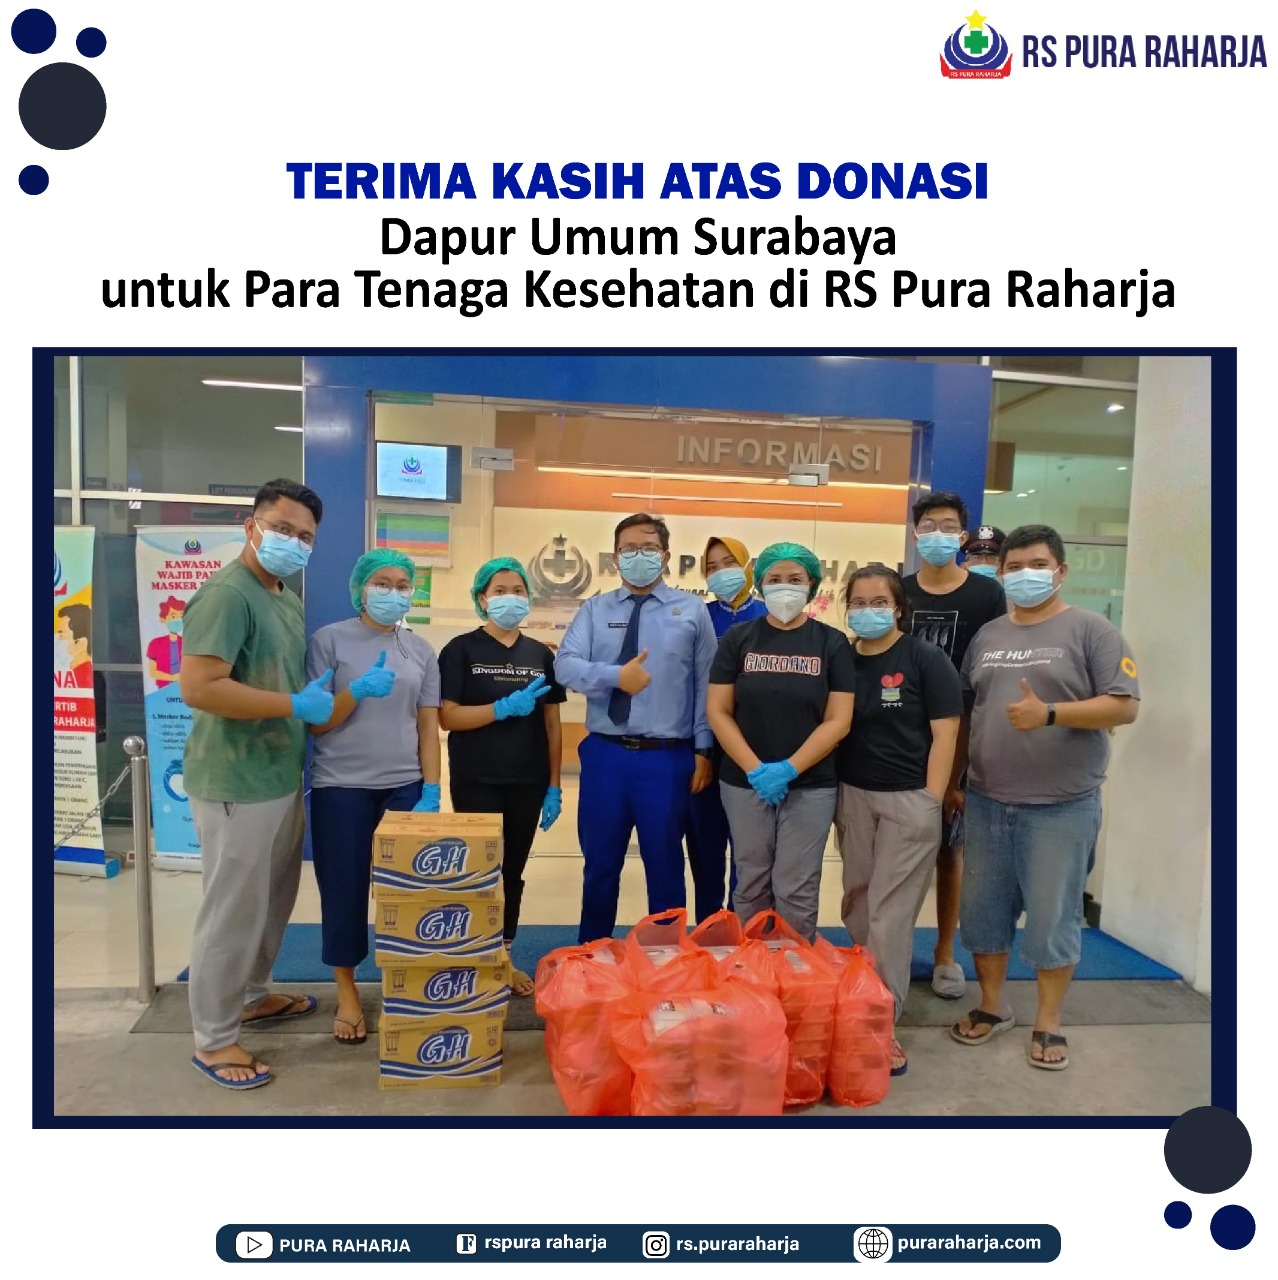 RS Pura Raharja mengucapkan terima kasih kepada Dapur Umum Surabaya